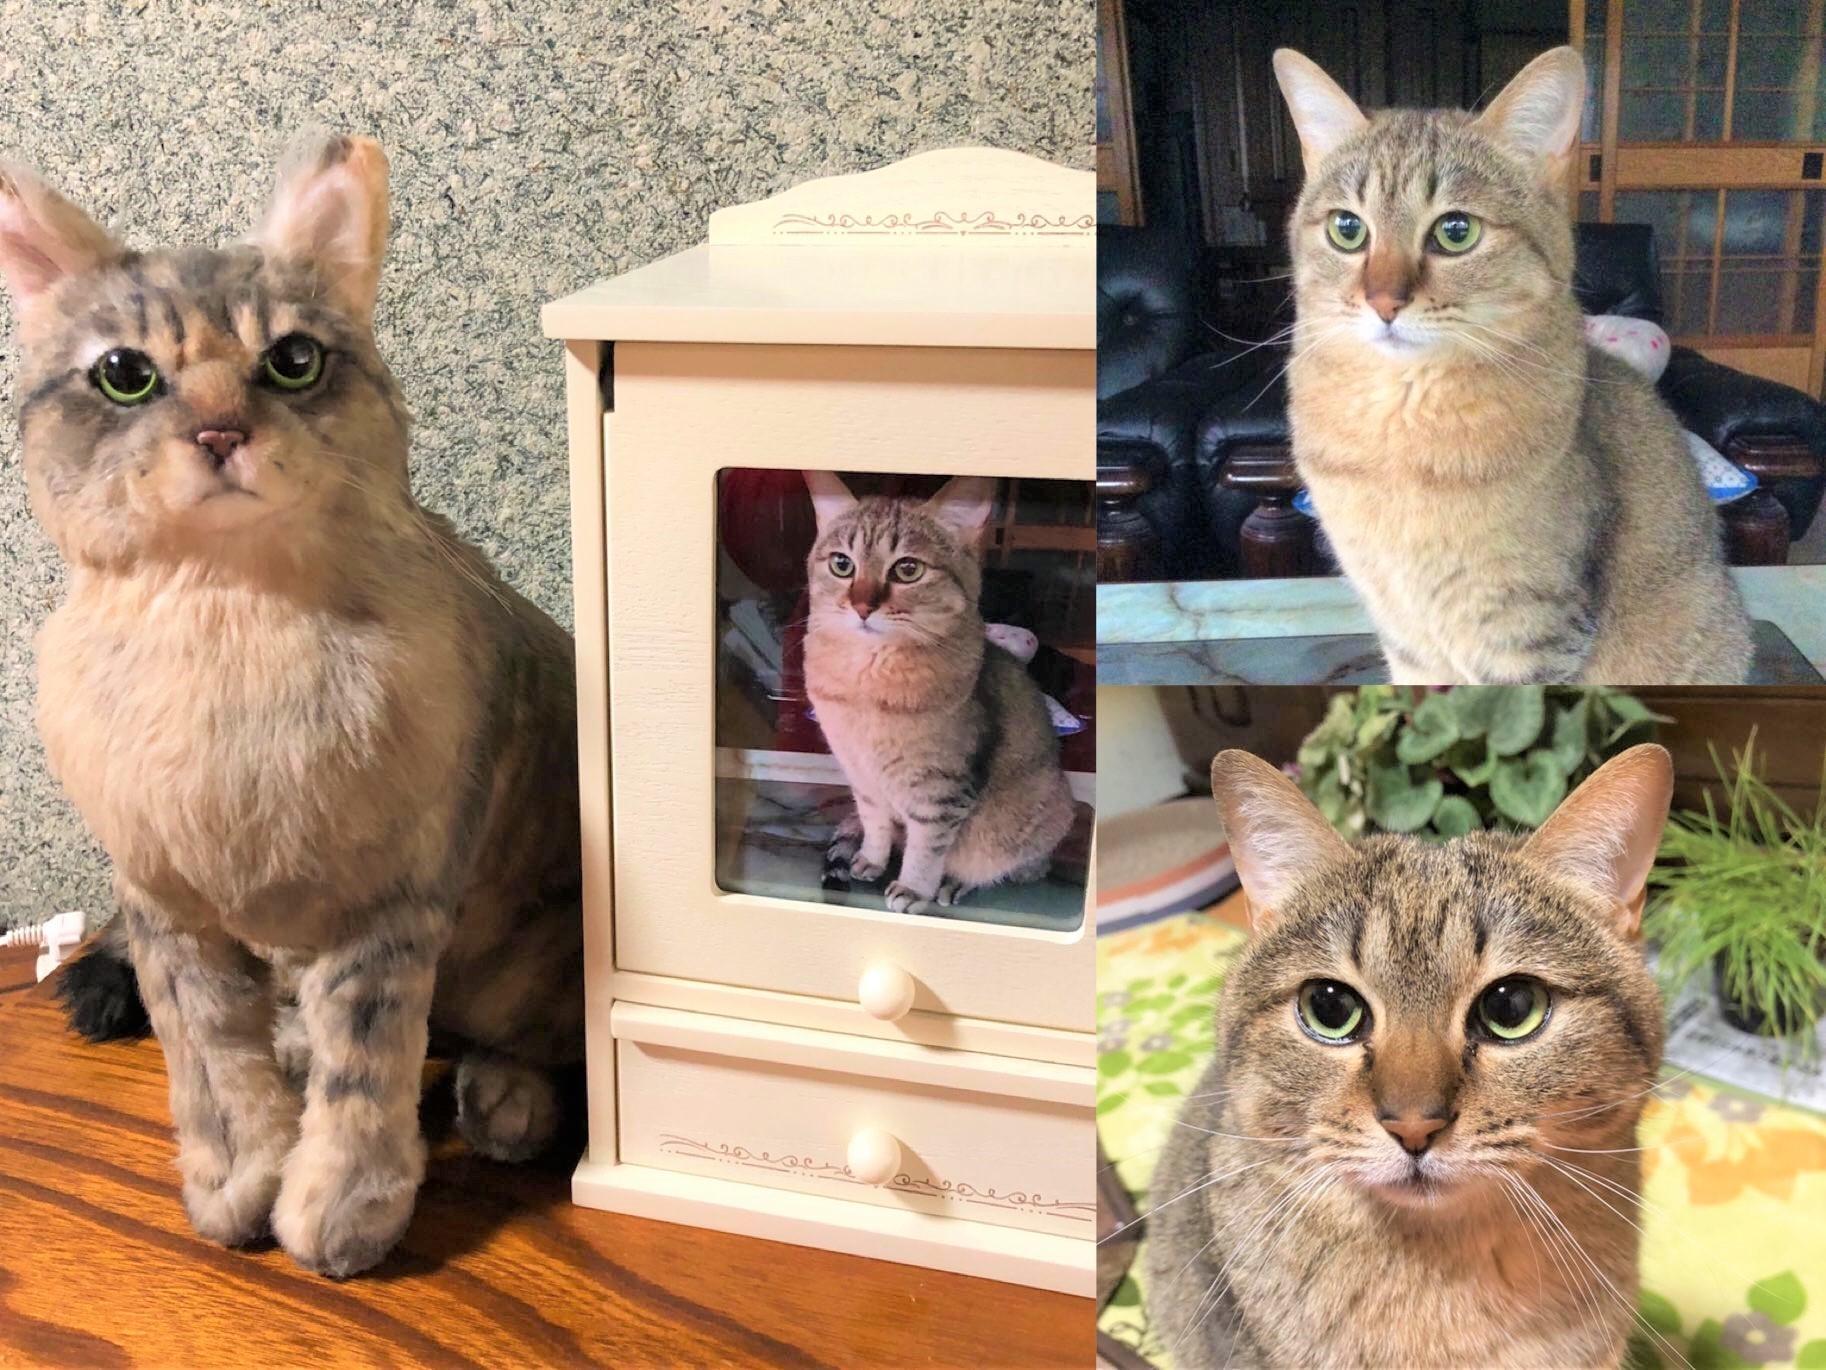 小さな猫が残してくれた、大きな愛のストーリー。